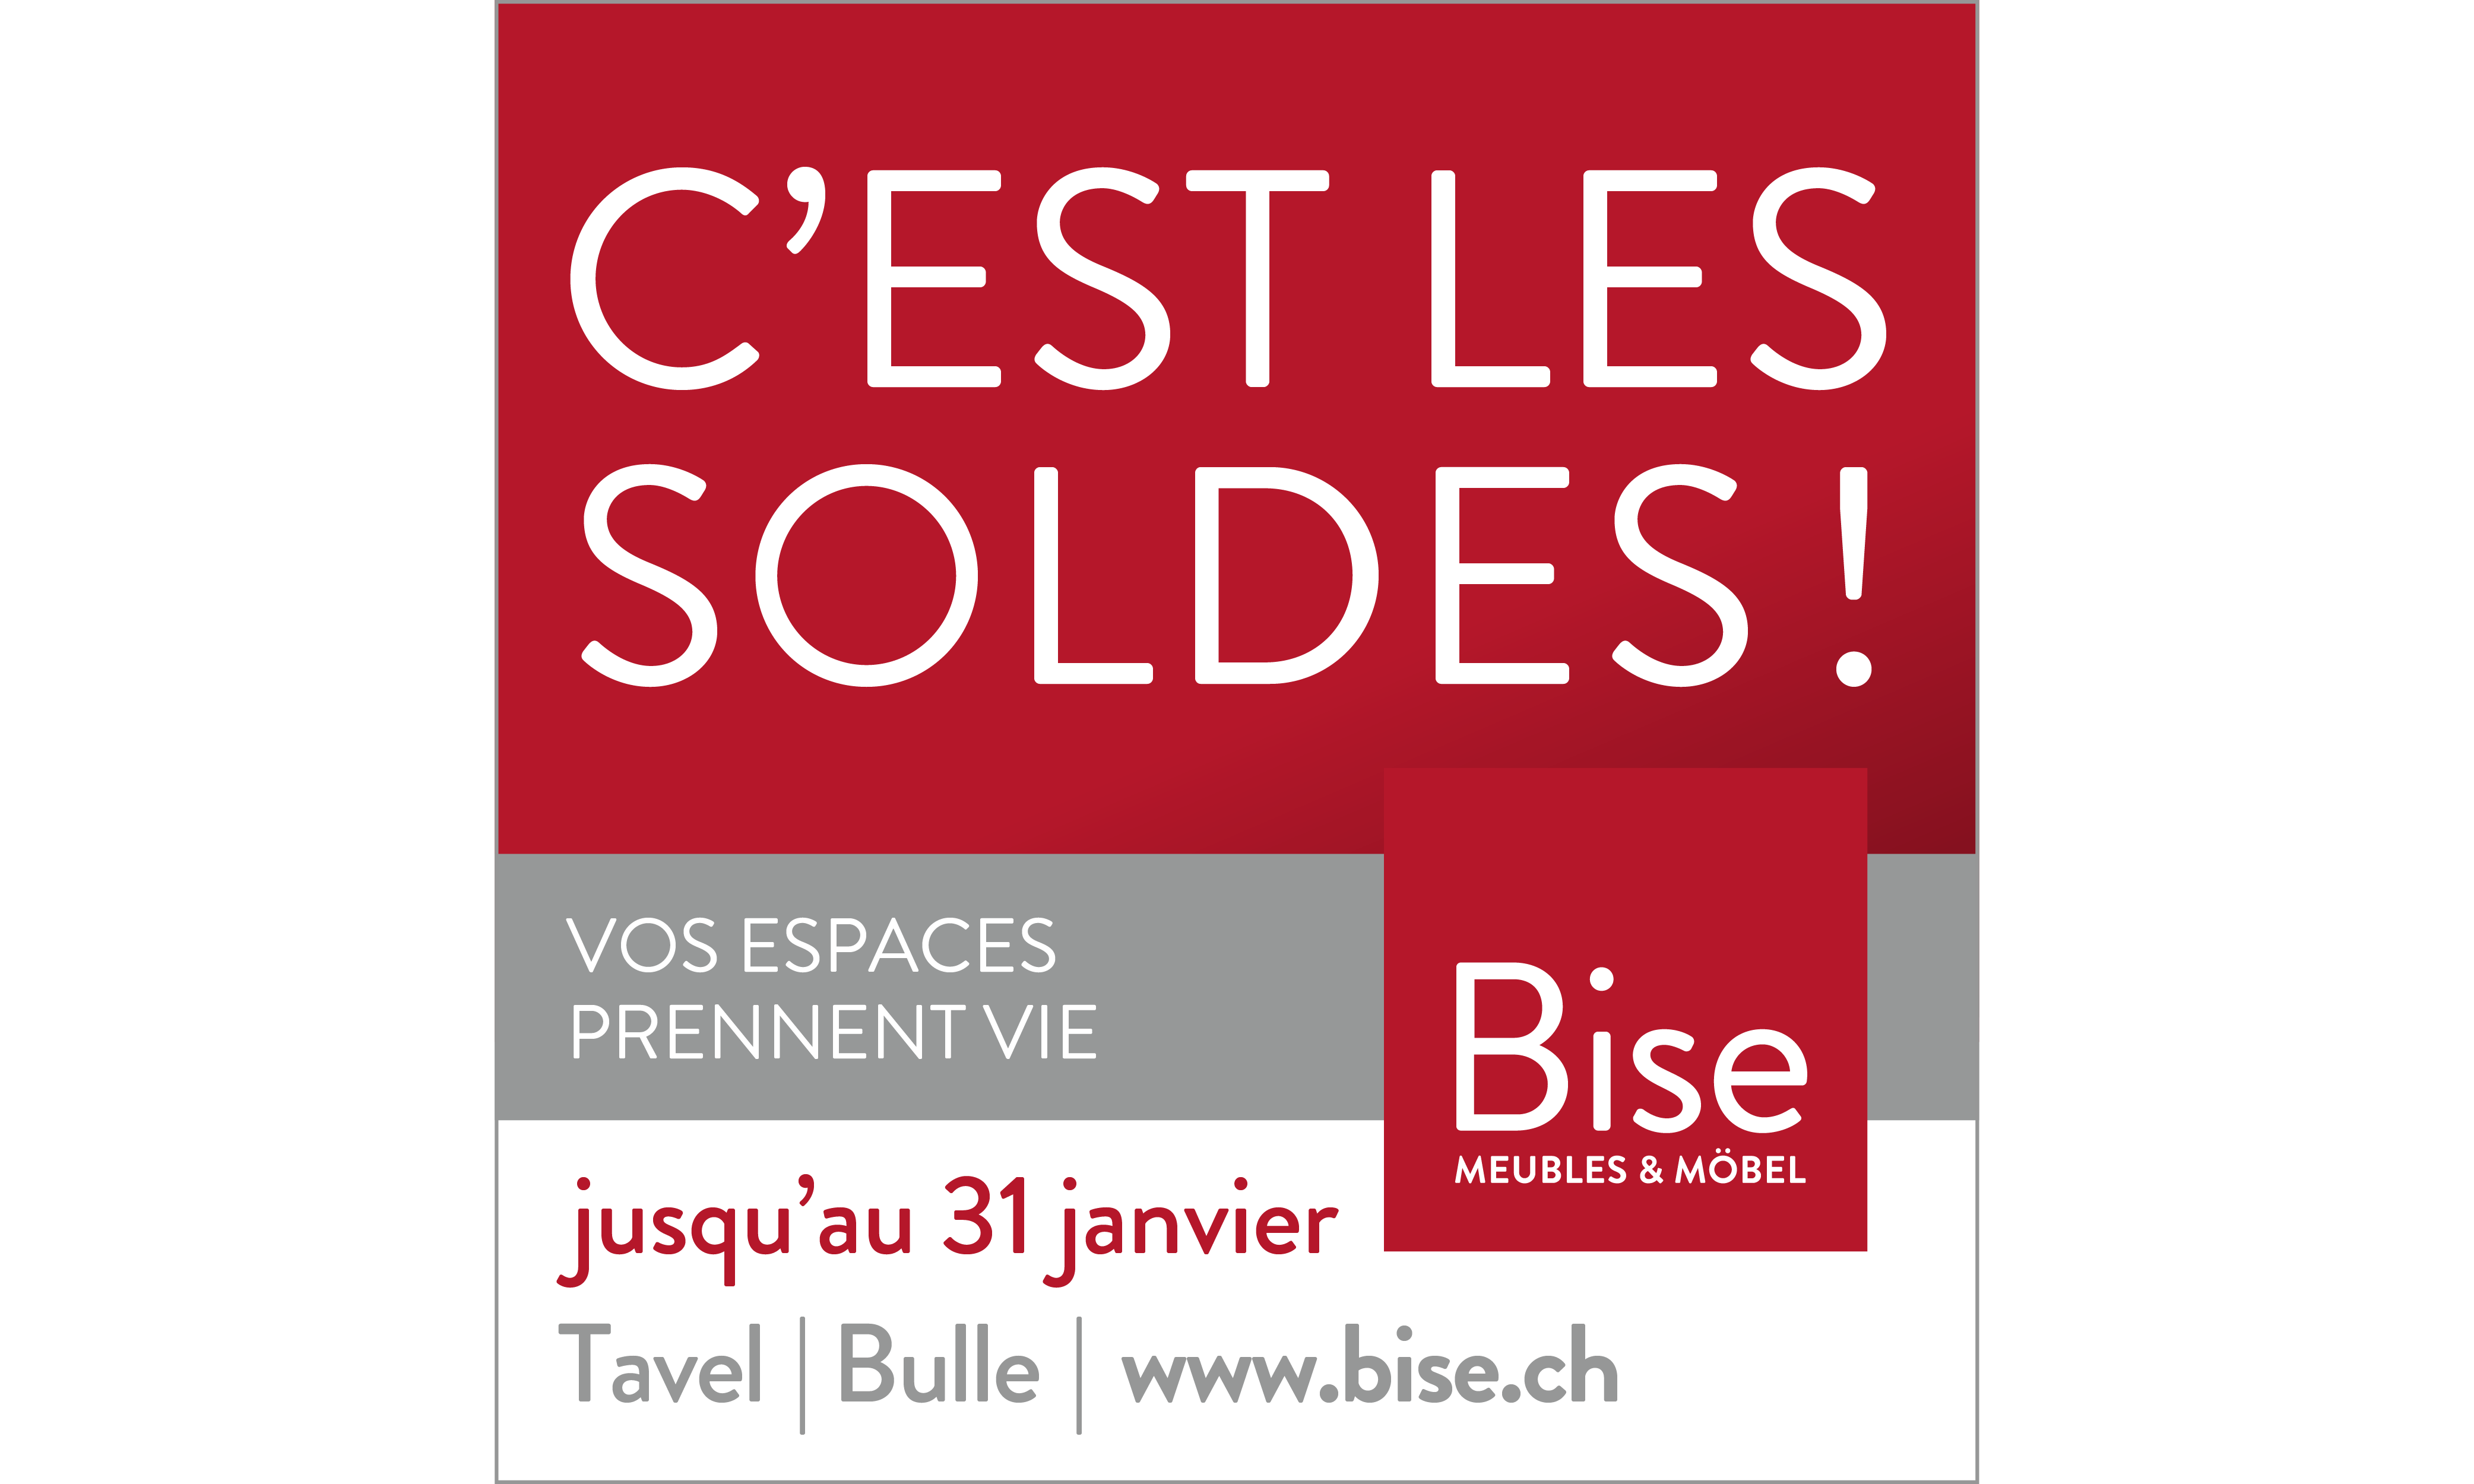 20171222 image internet soldes fr Résultat Supérieur 46 Superbe soldes Meubles Stock 2017 Hzt6